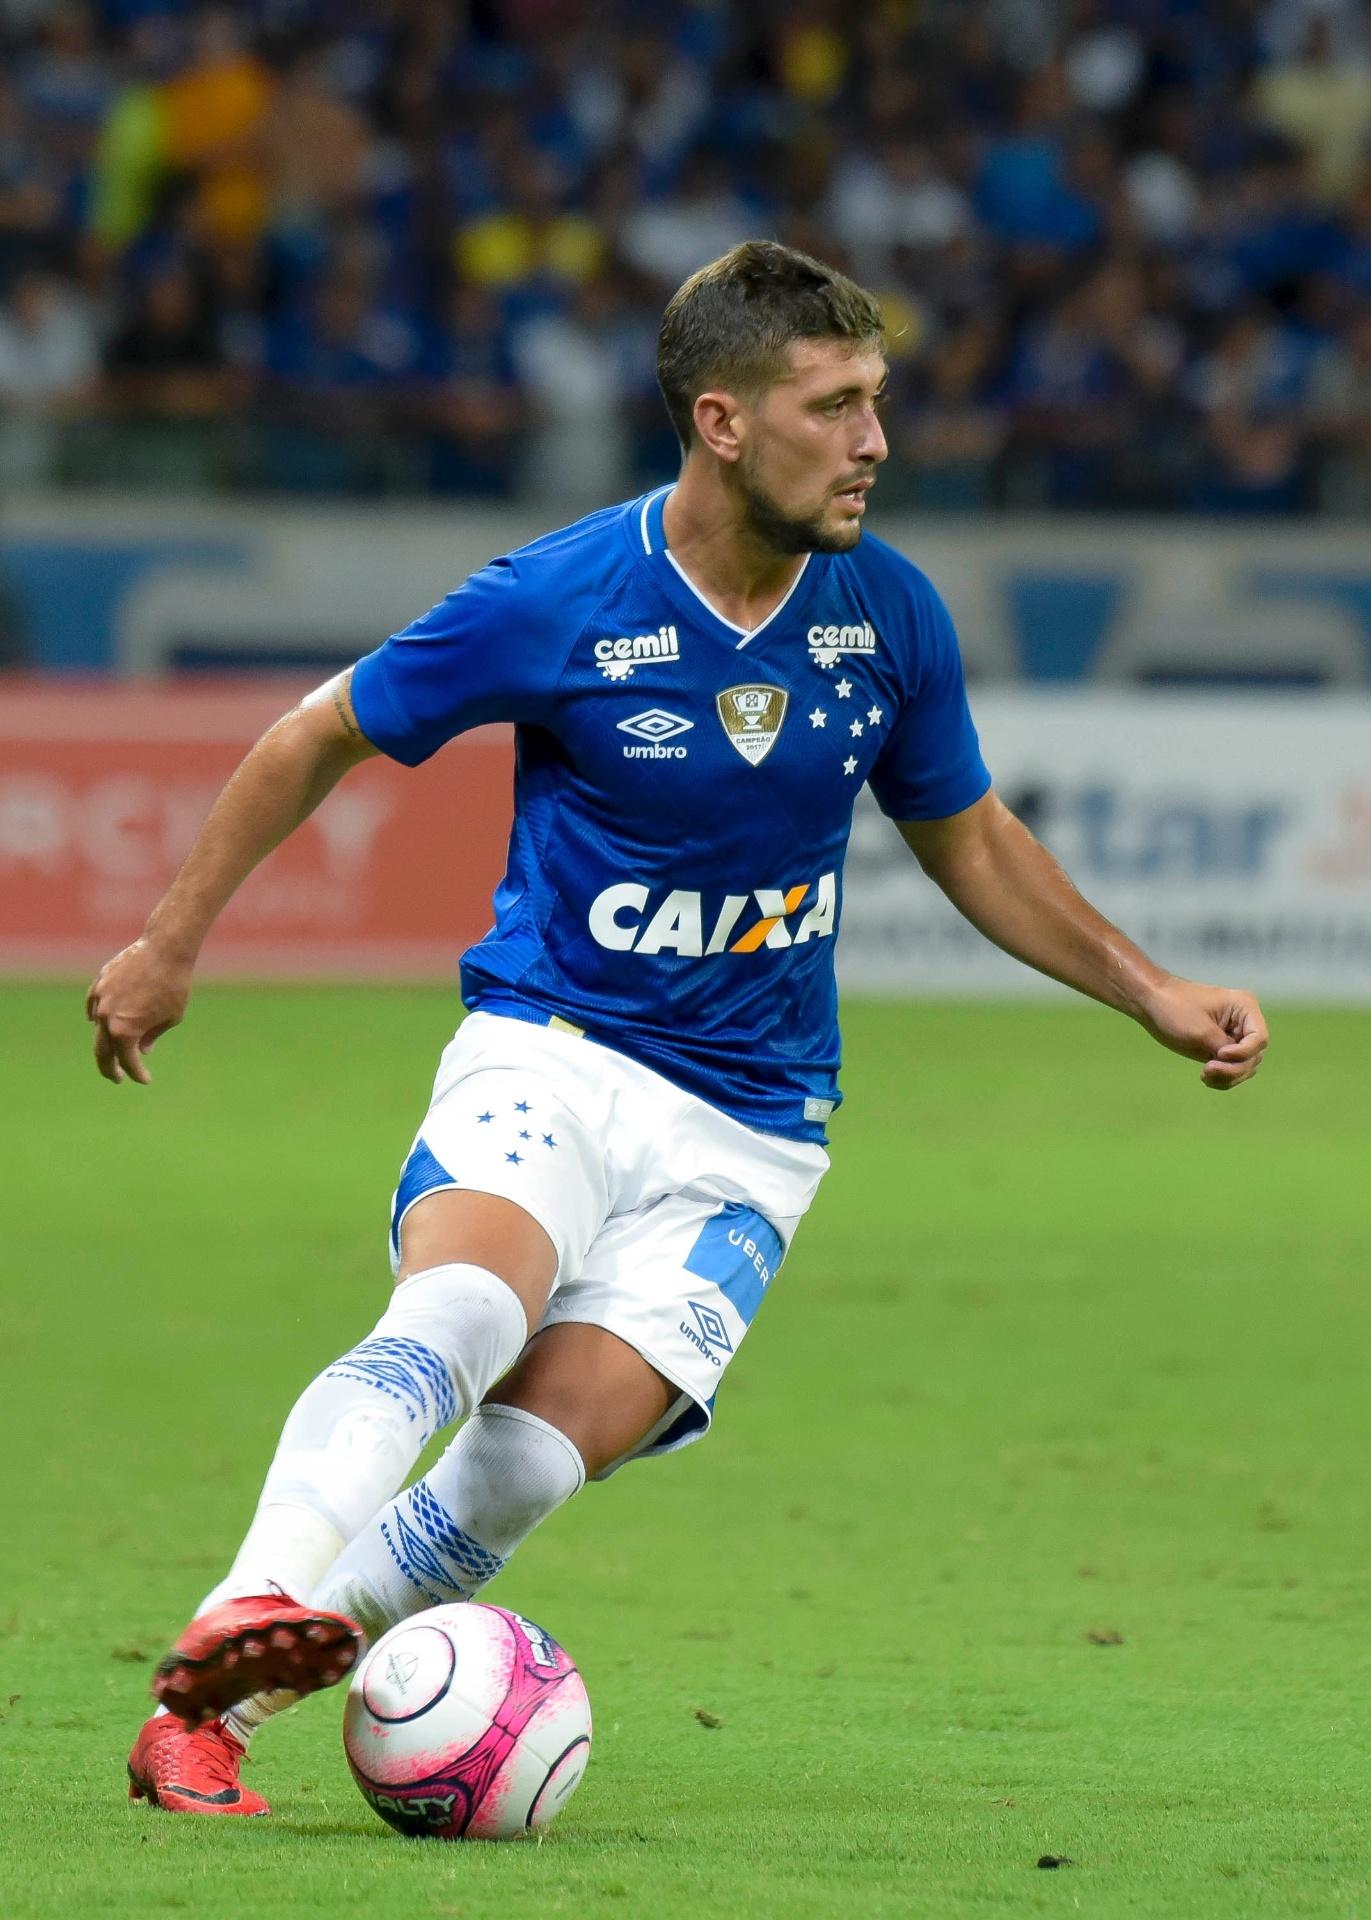 Cruzeiro renova por dois anos com Arrascaeta e aumenta multa para R  120 mi  - 20 02 2018 - UOL Esporte 7ec148c0eb36f